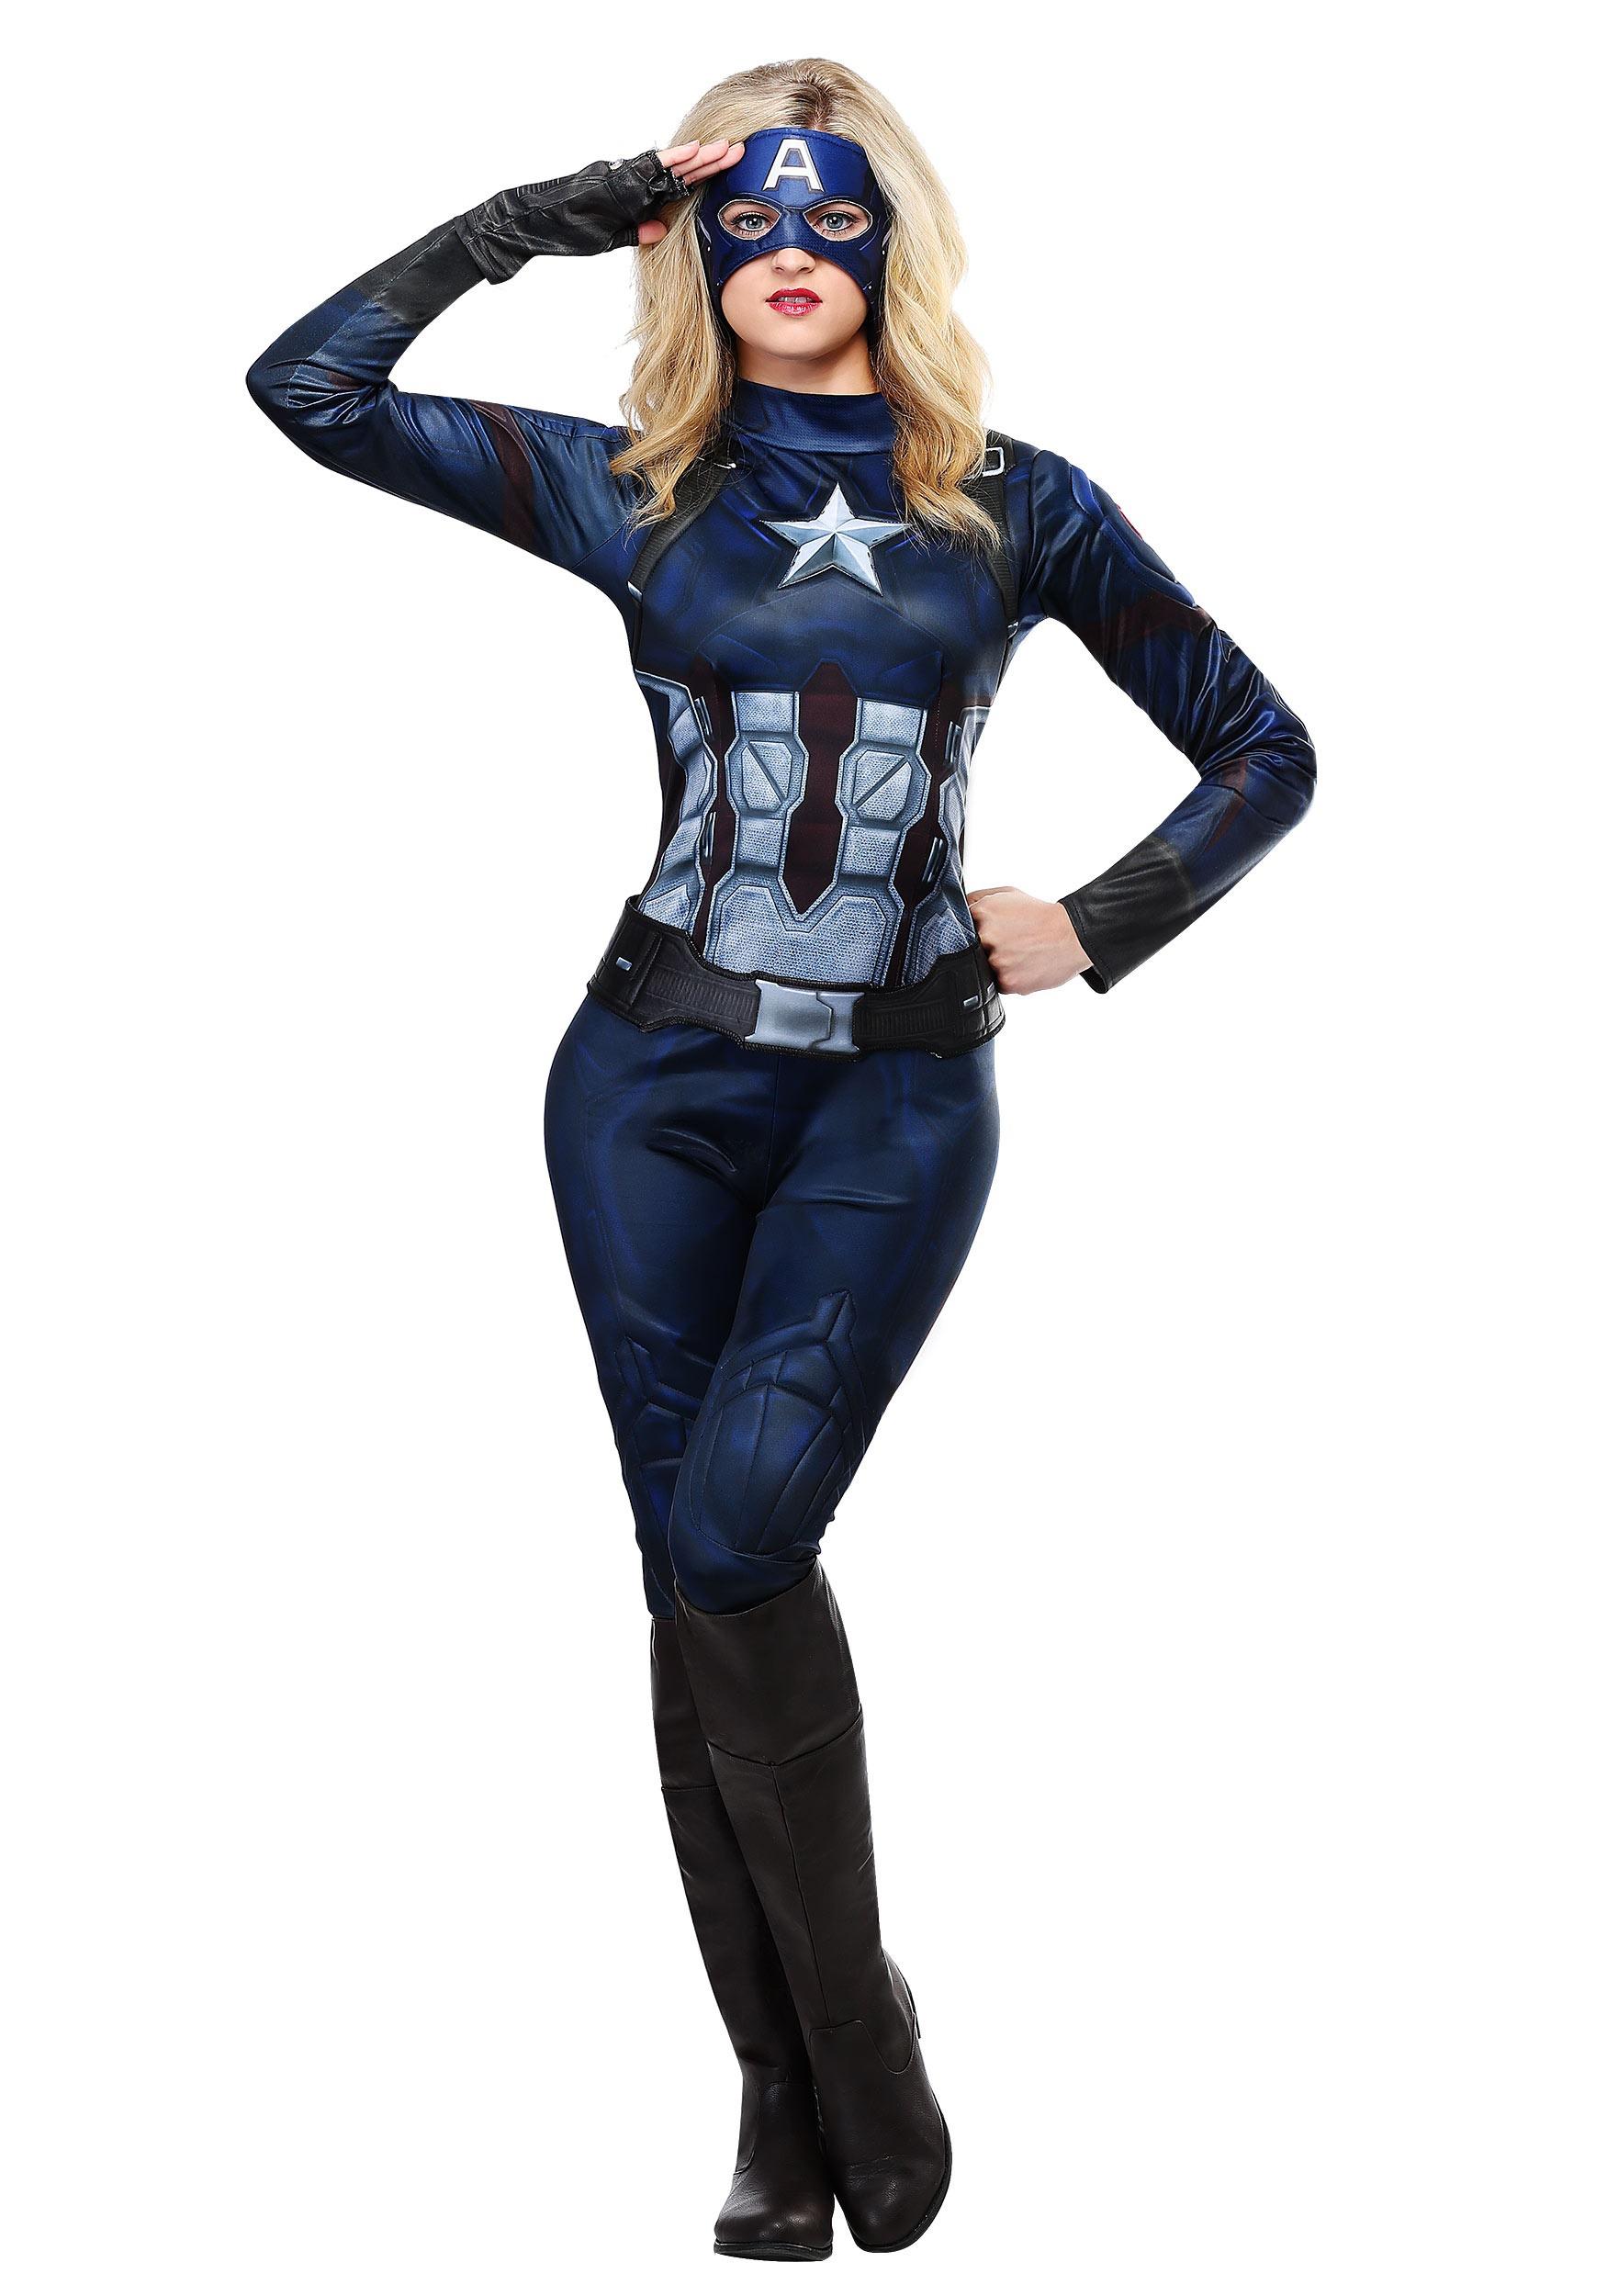 Captain America Costume for Women